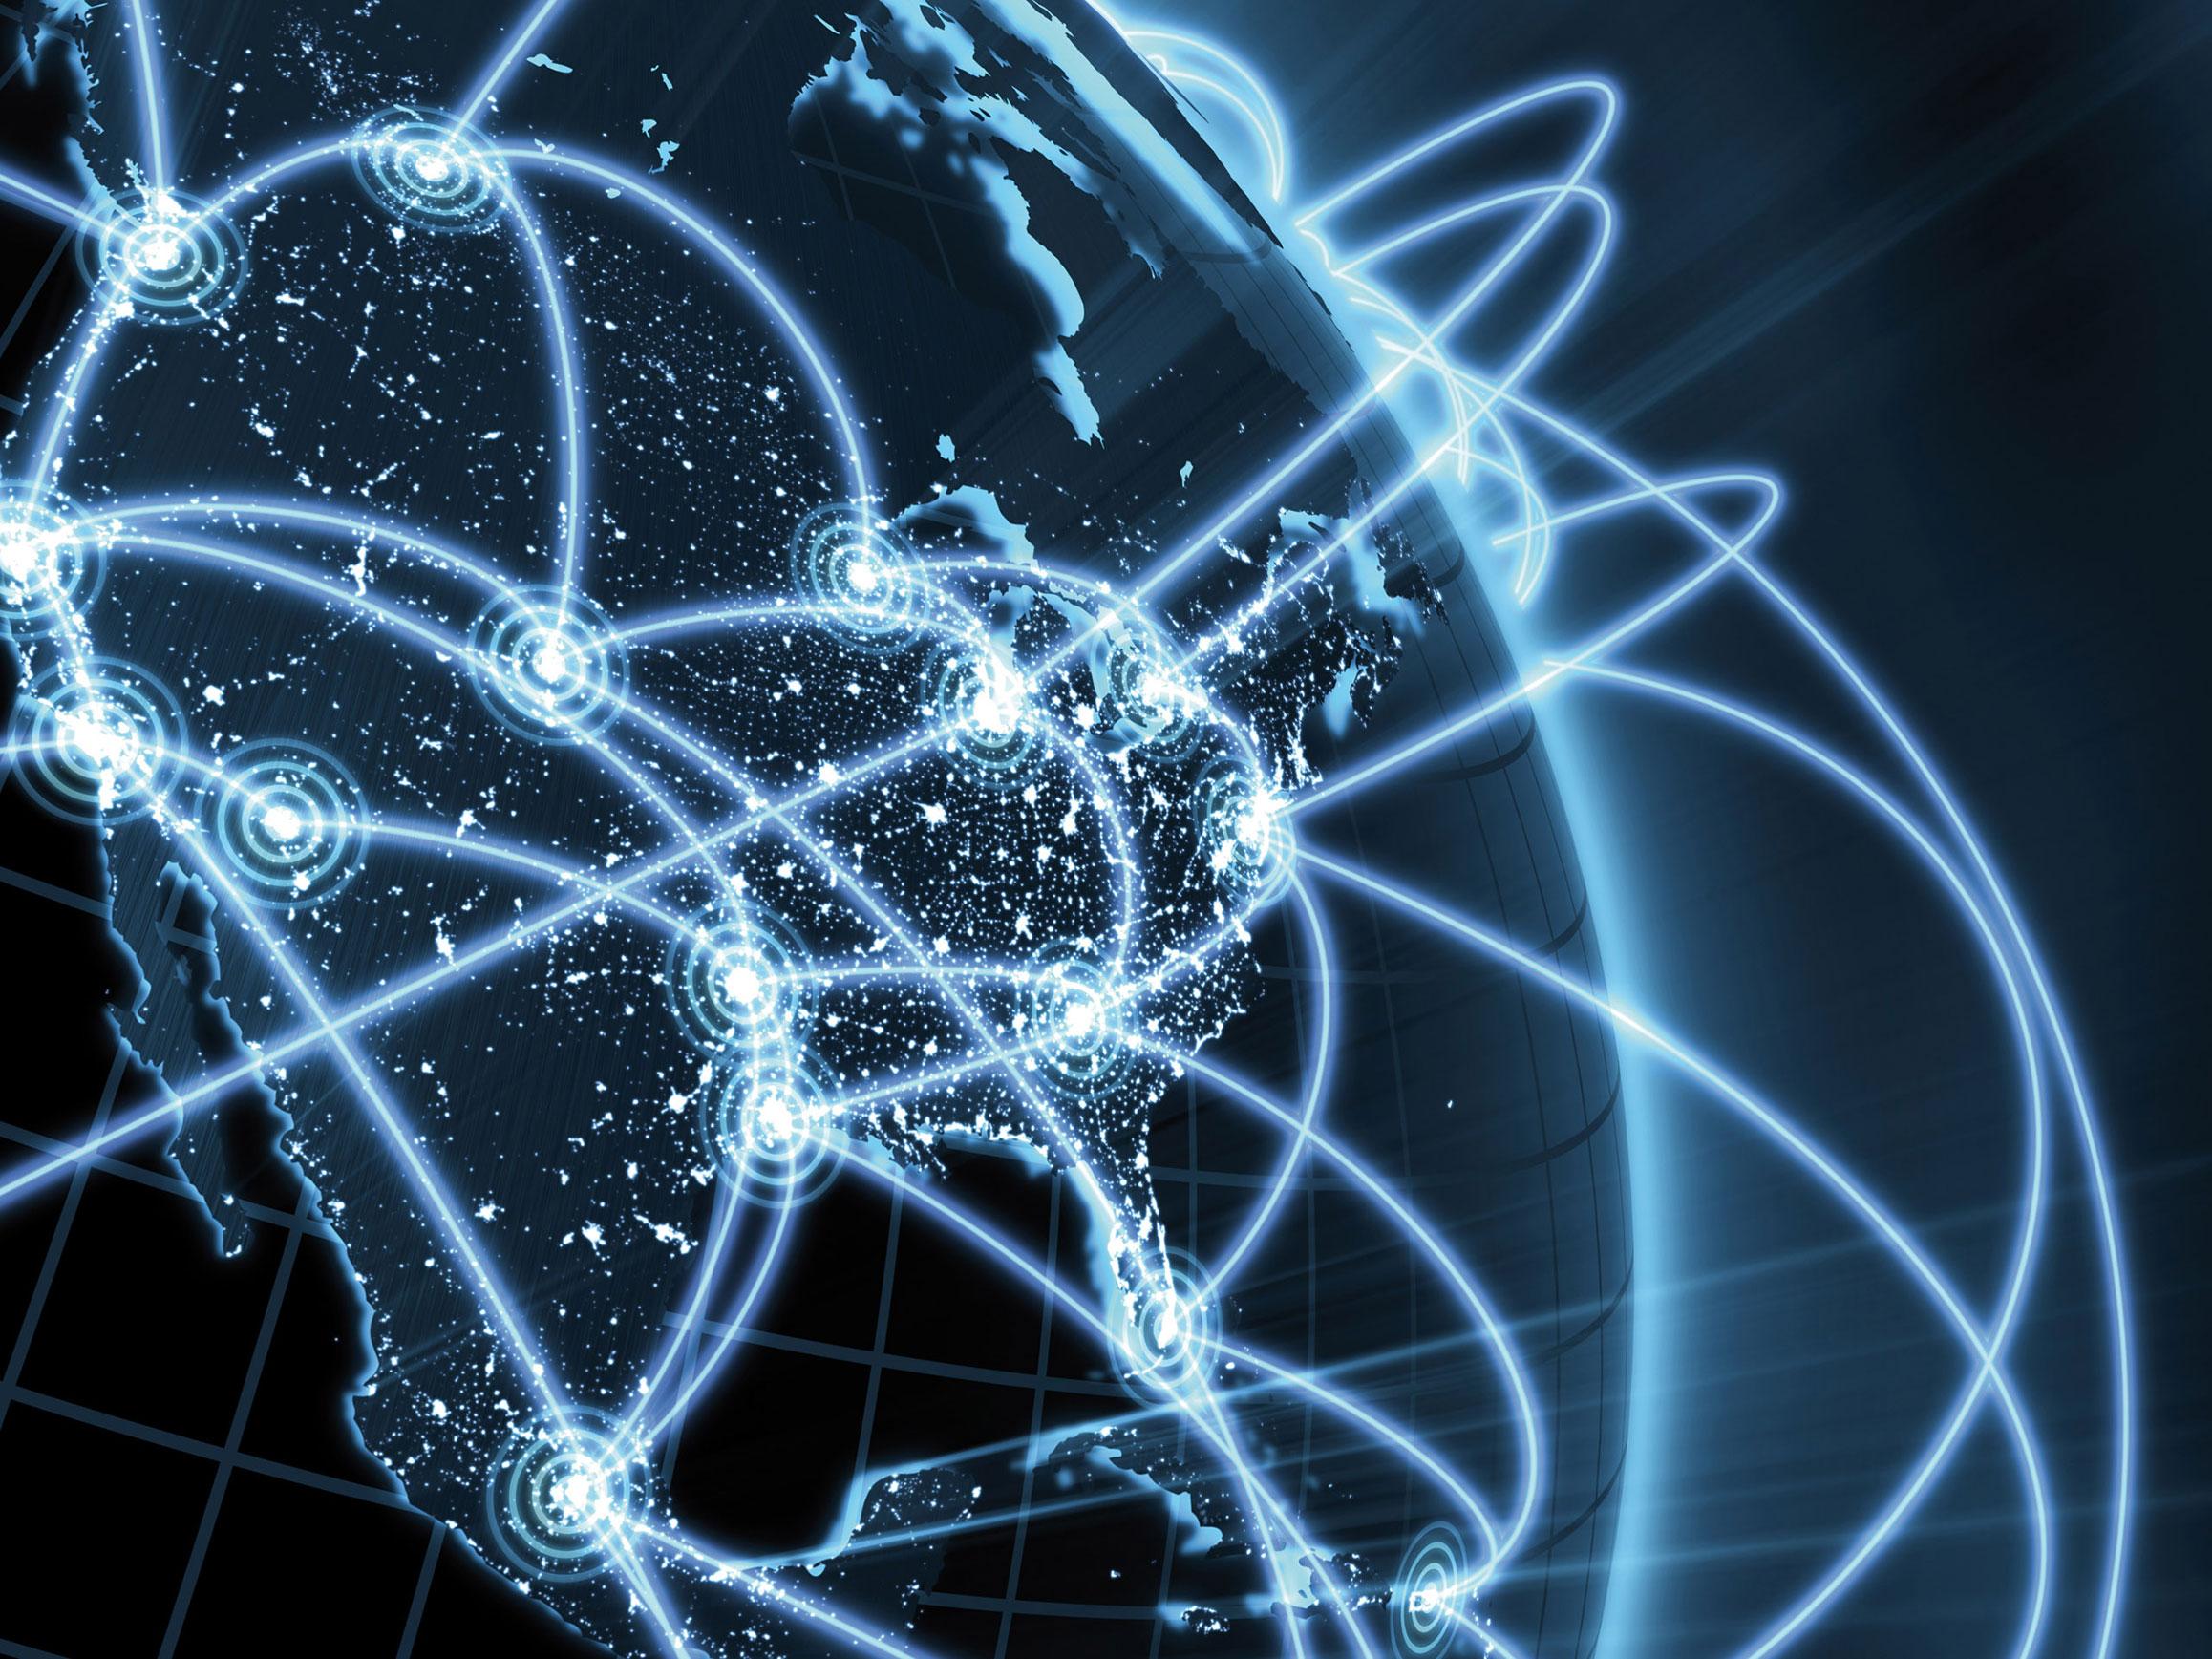 Día del Internet, recuerda los grandes retos de la seguridad cibernética